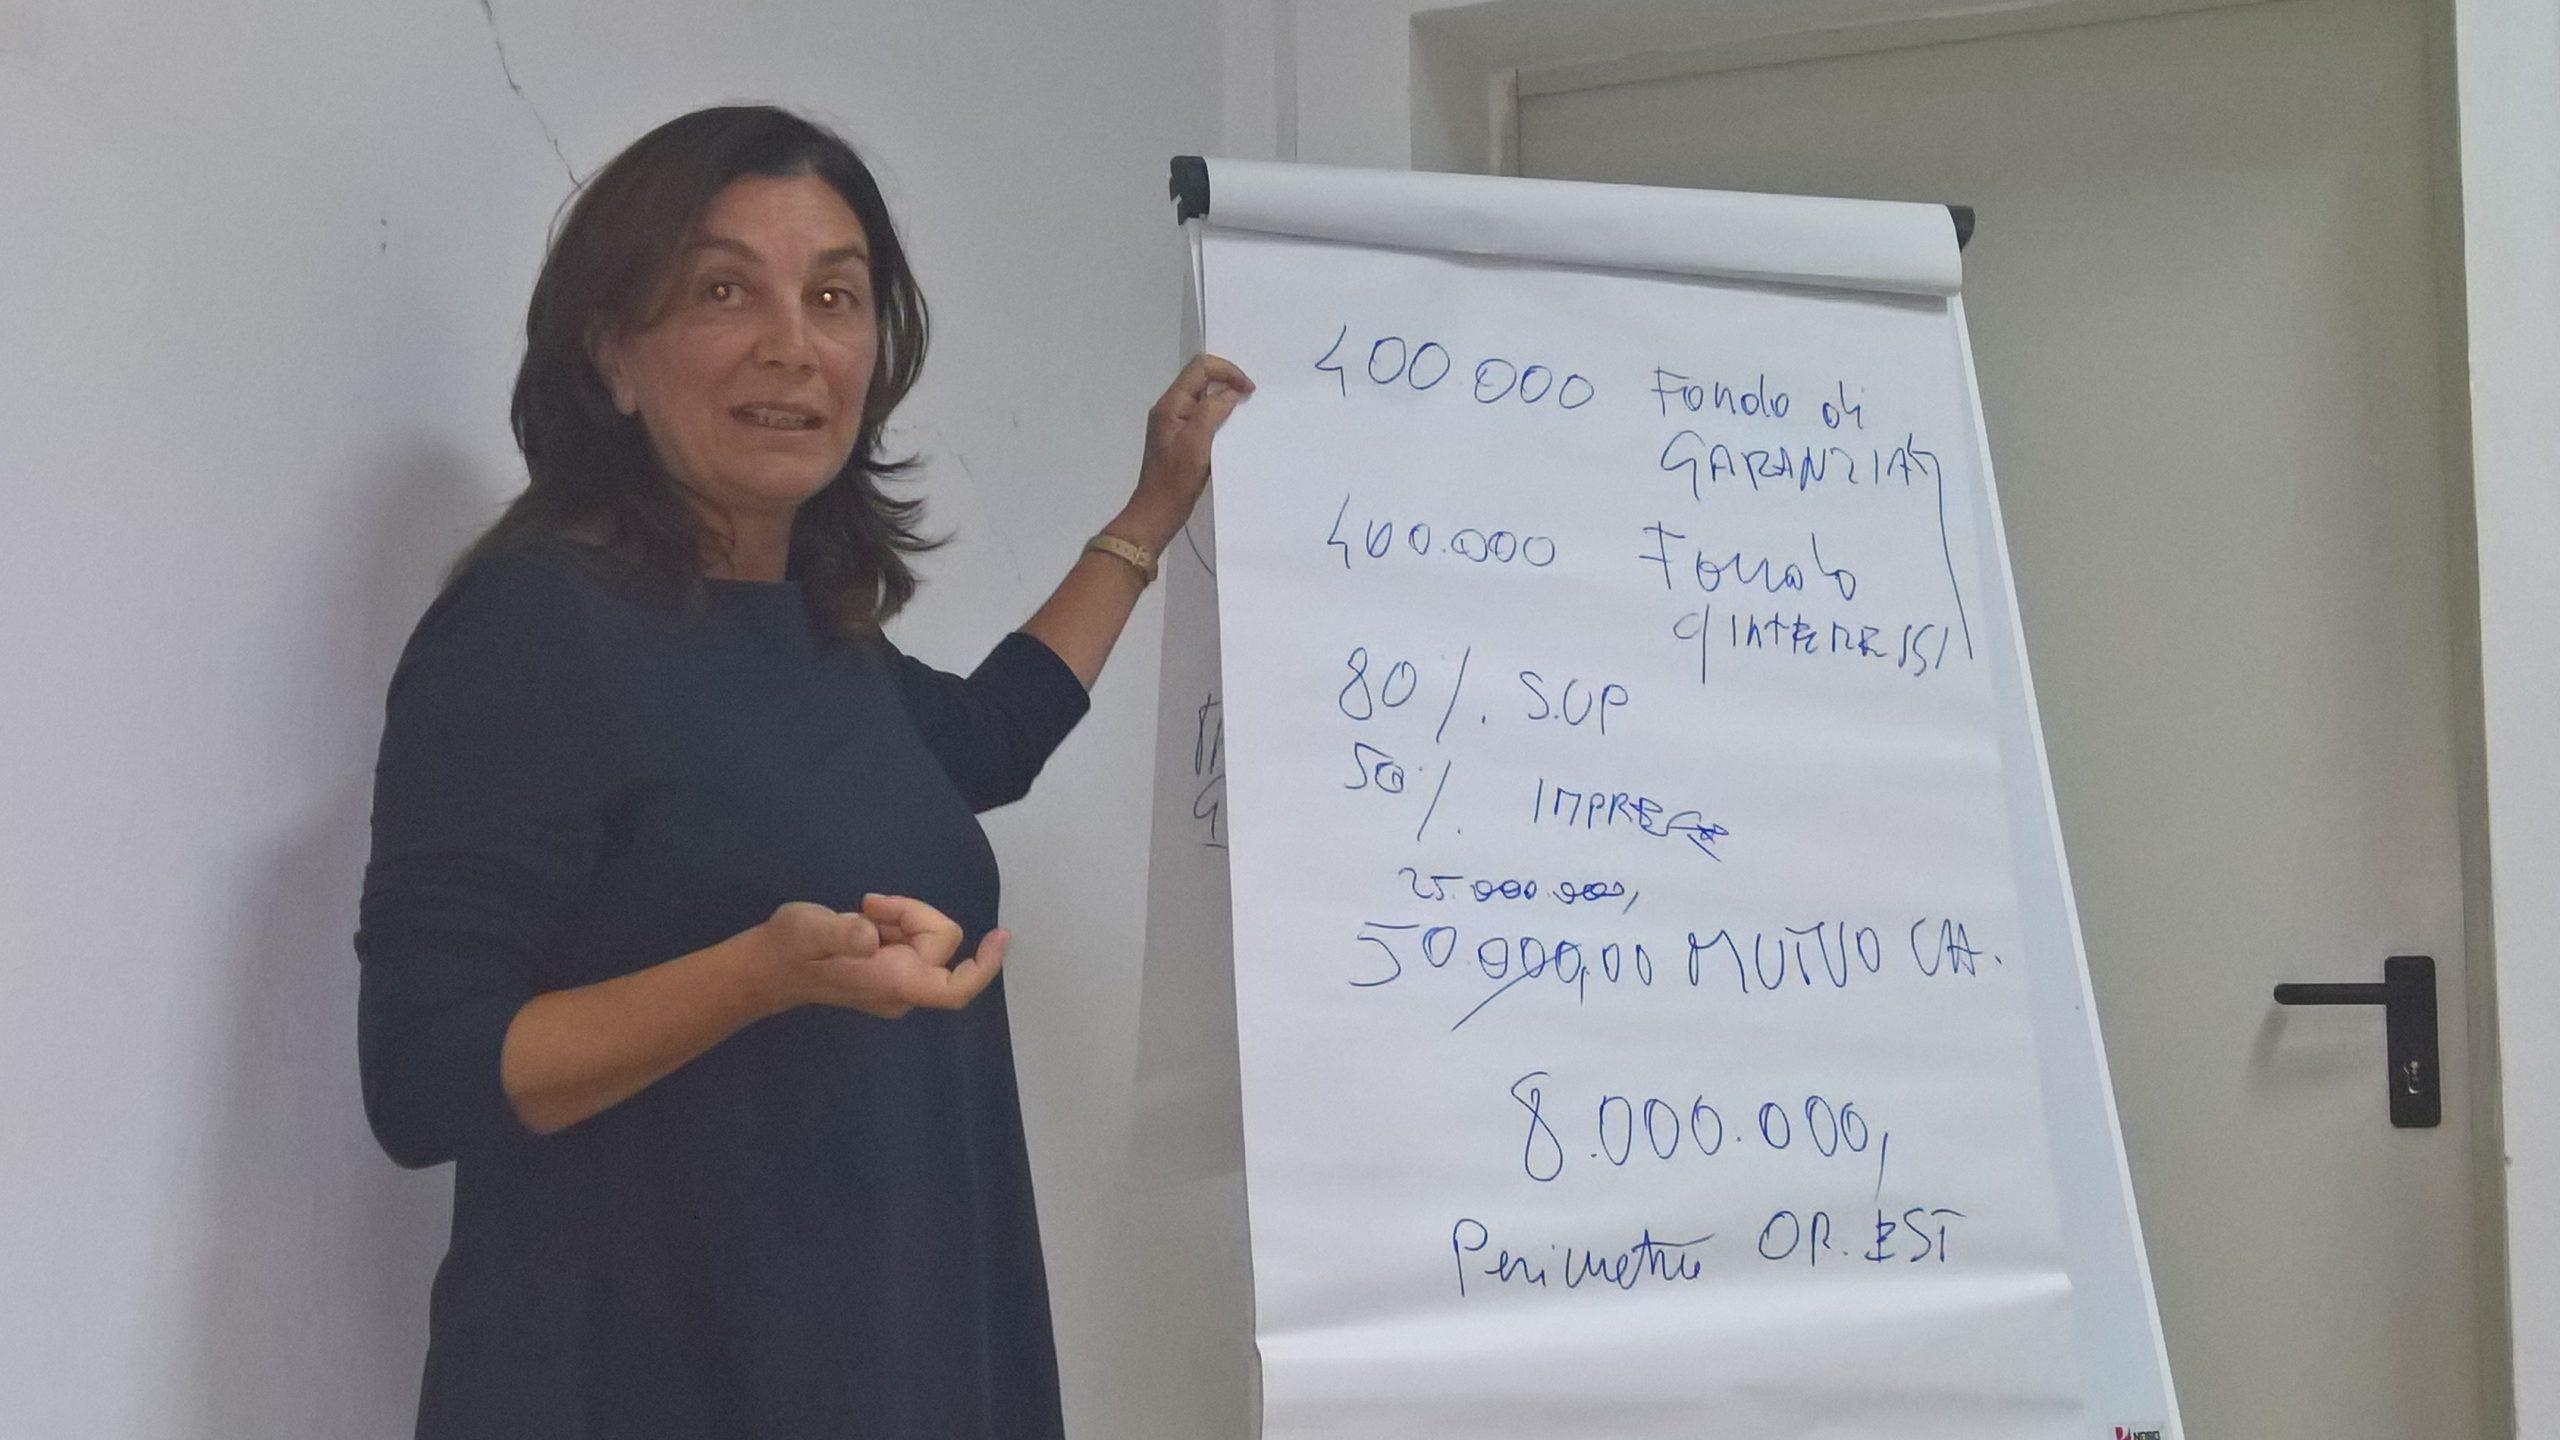 """Intervento di Giuseppina Uda nell'Evento Informativo """"Progetto Oristano est"""". Di Giuseppina Uda"""